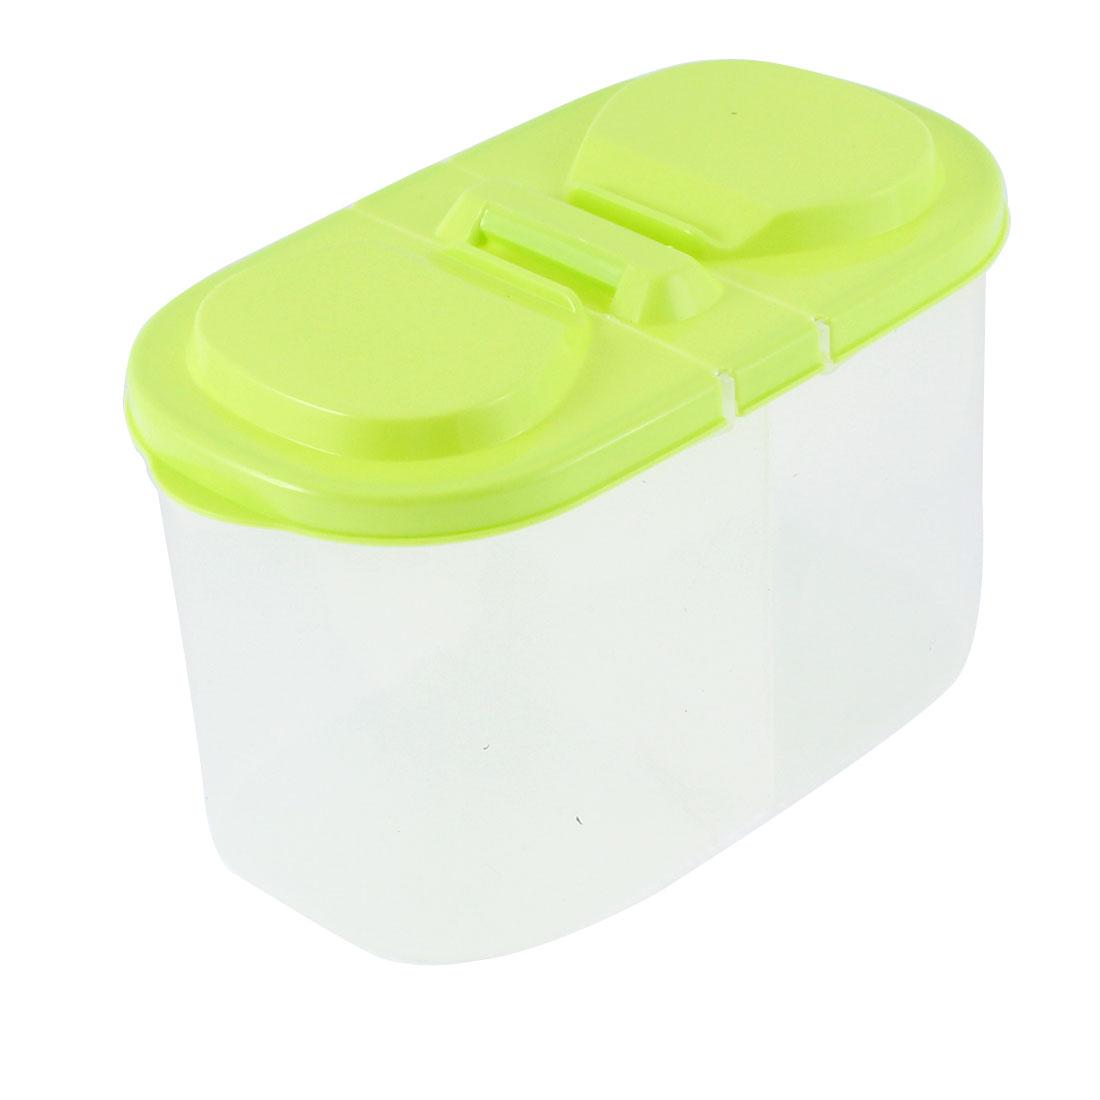 Kitchen Plastic 2 Compartments Food Storage Box 185mmx95mmx110mm Green